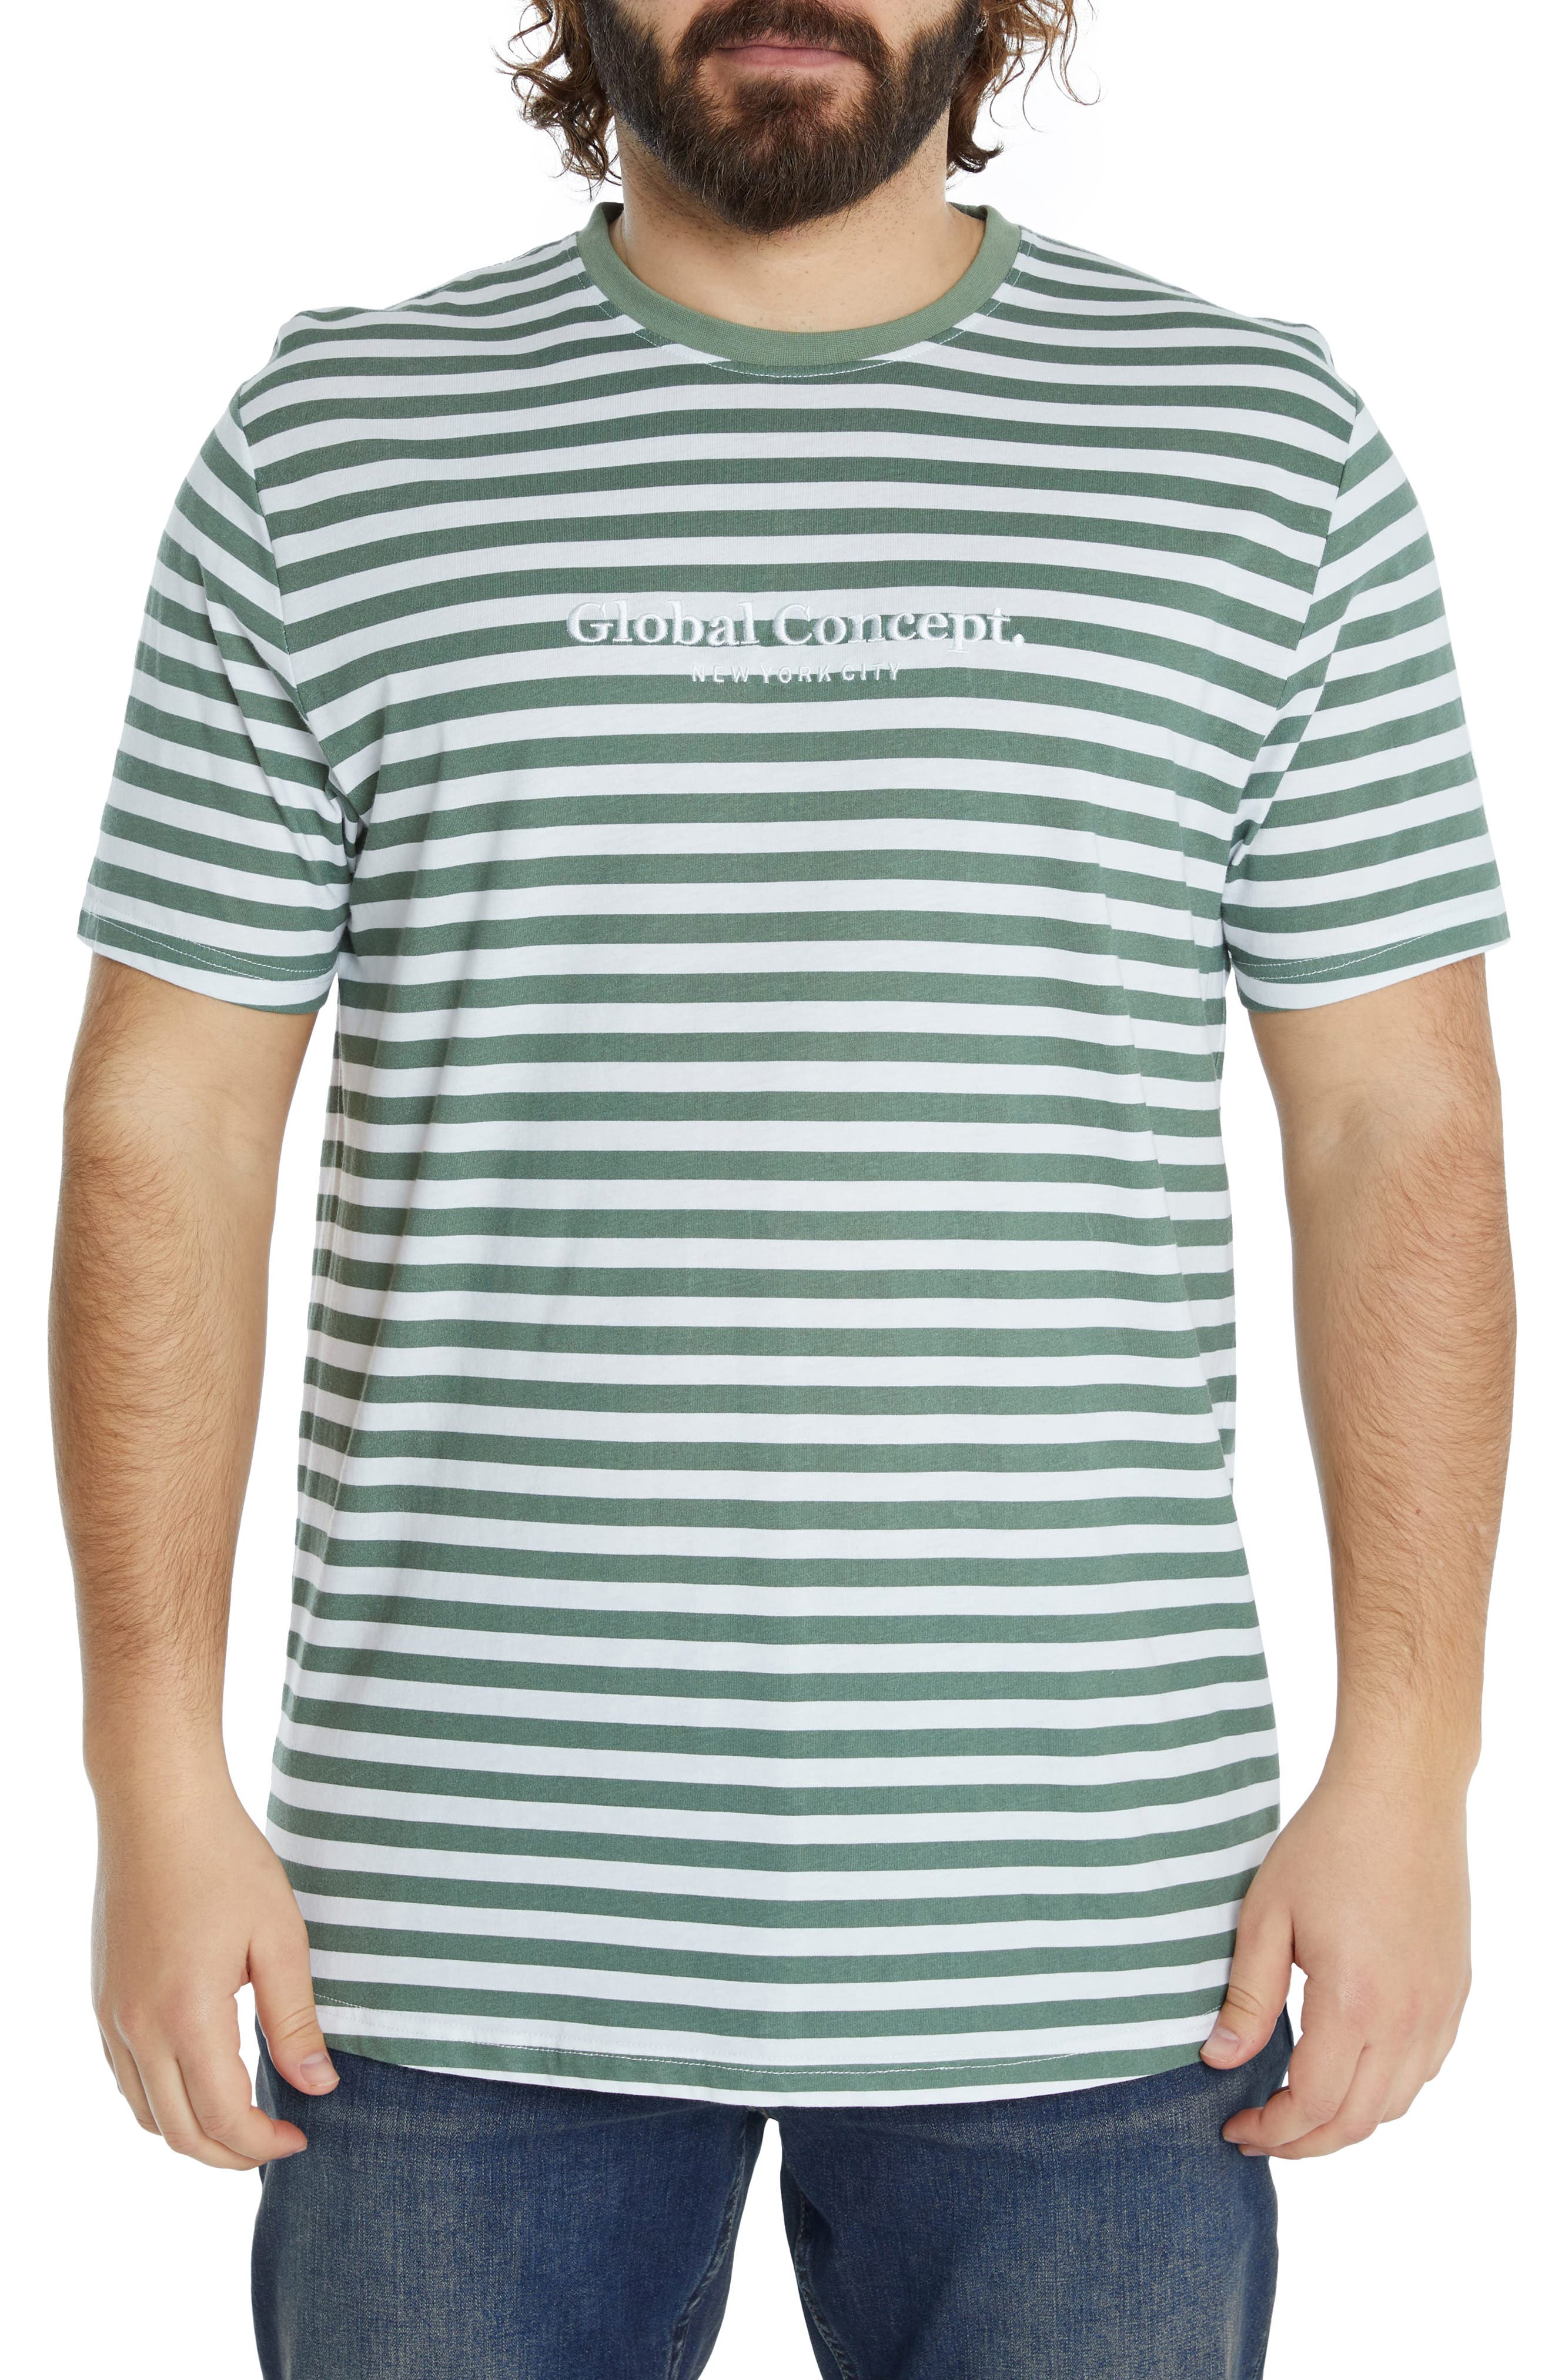 Global Concept Longline Cotton T-Shirt